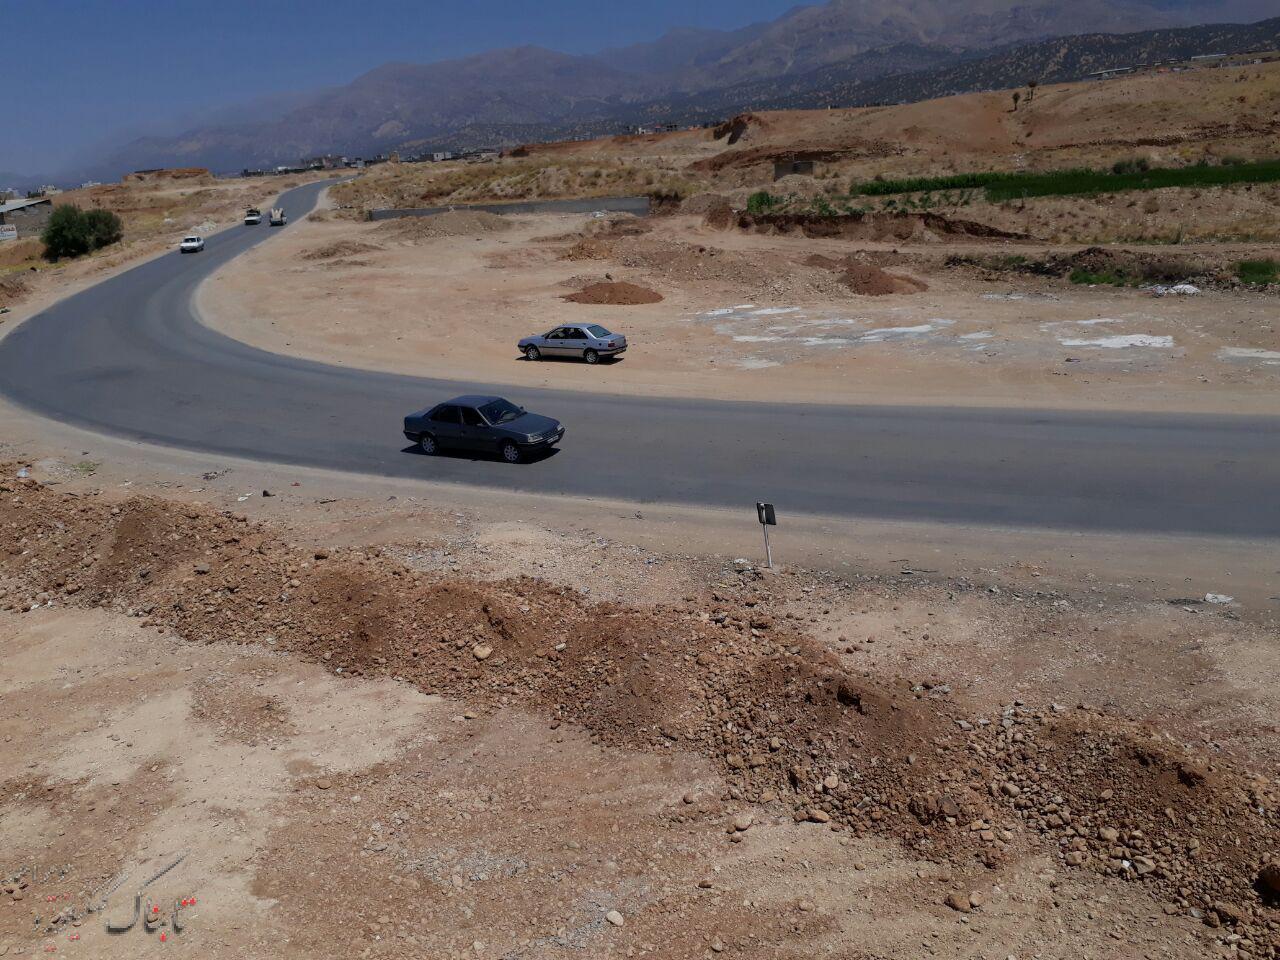 نکته منفی آماری برای بیمارستان های استان در تصادفات / جاده مرگ در یاسوج کجاست؟!